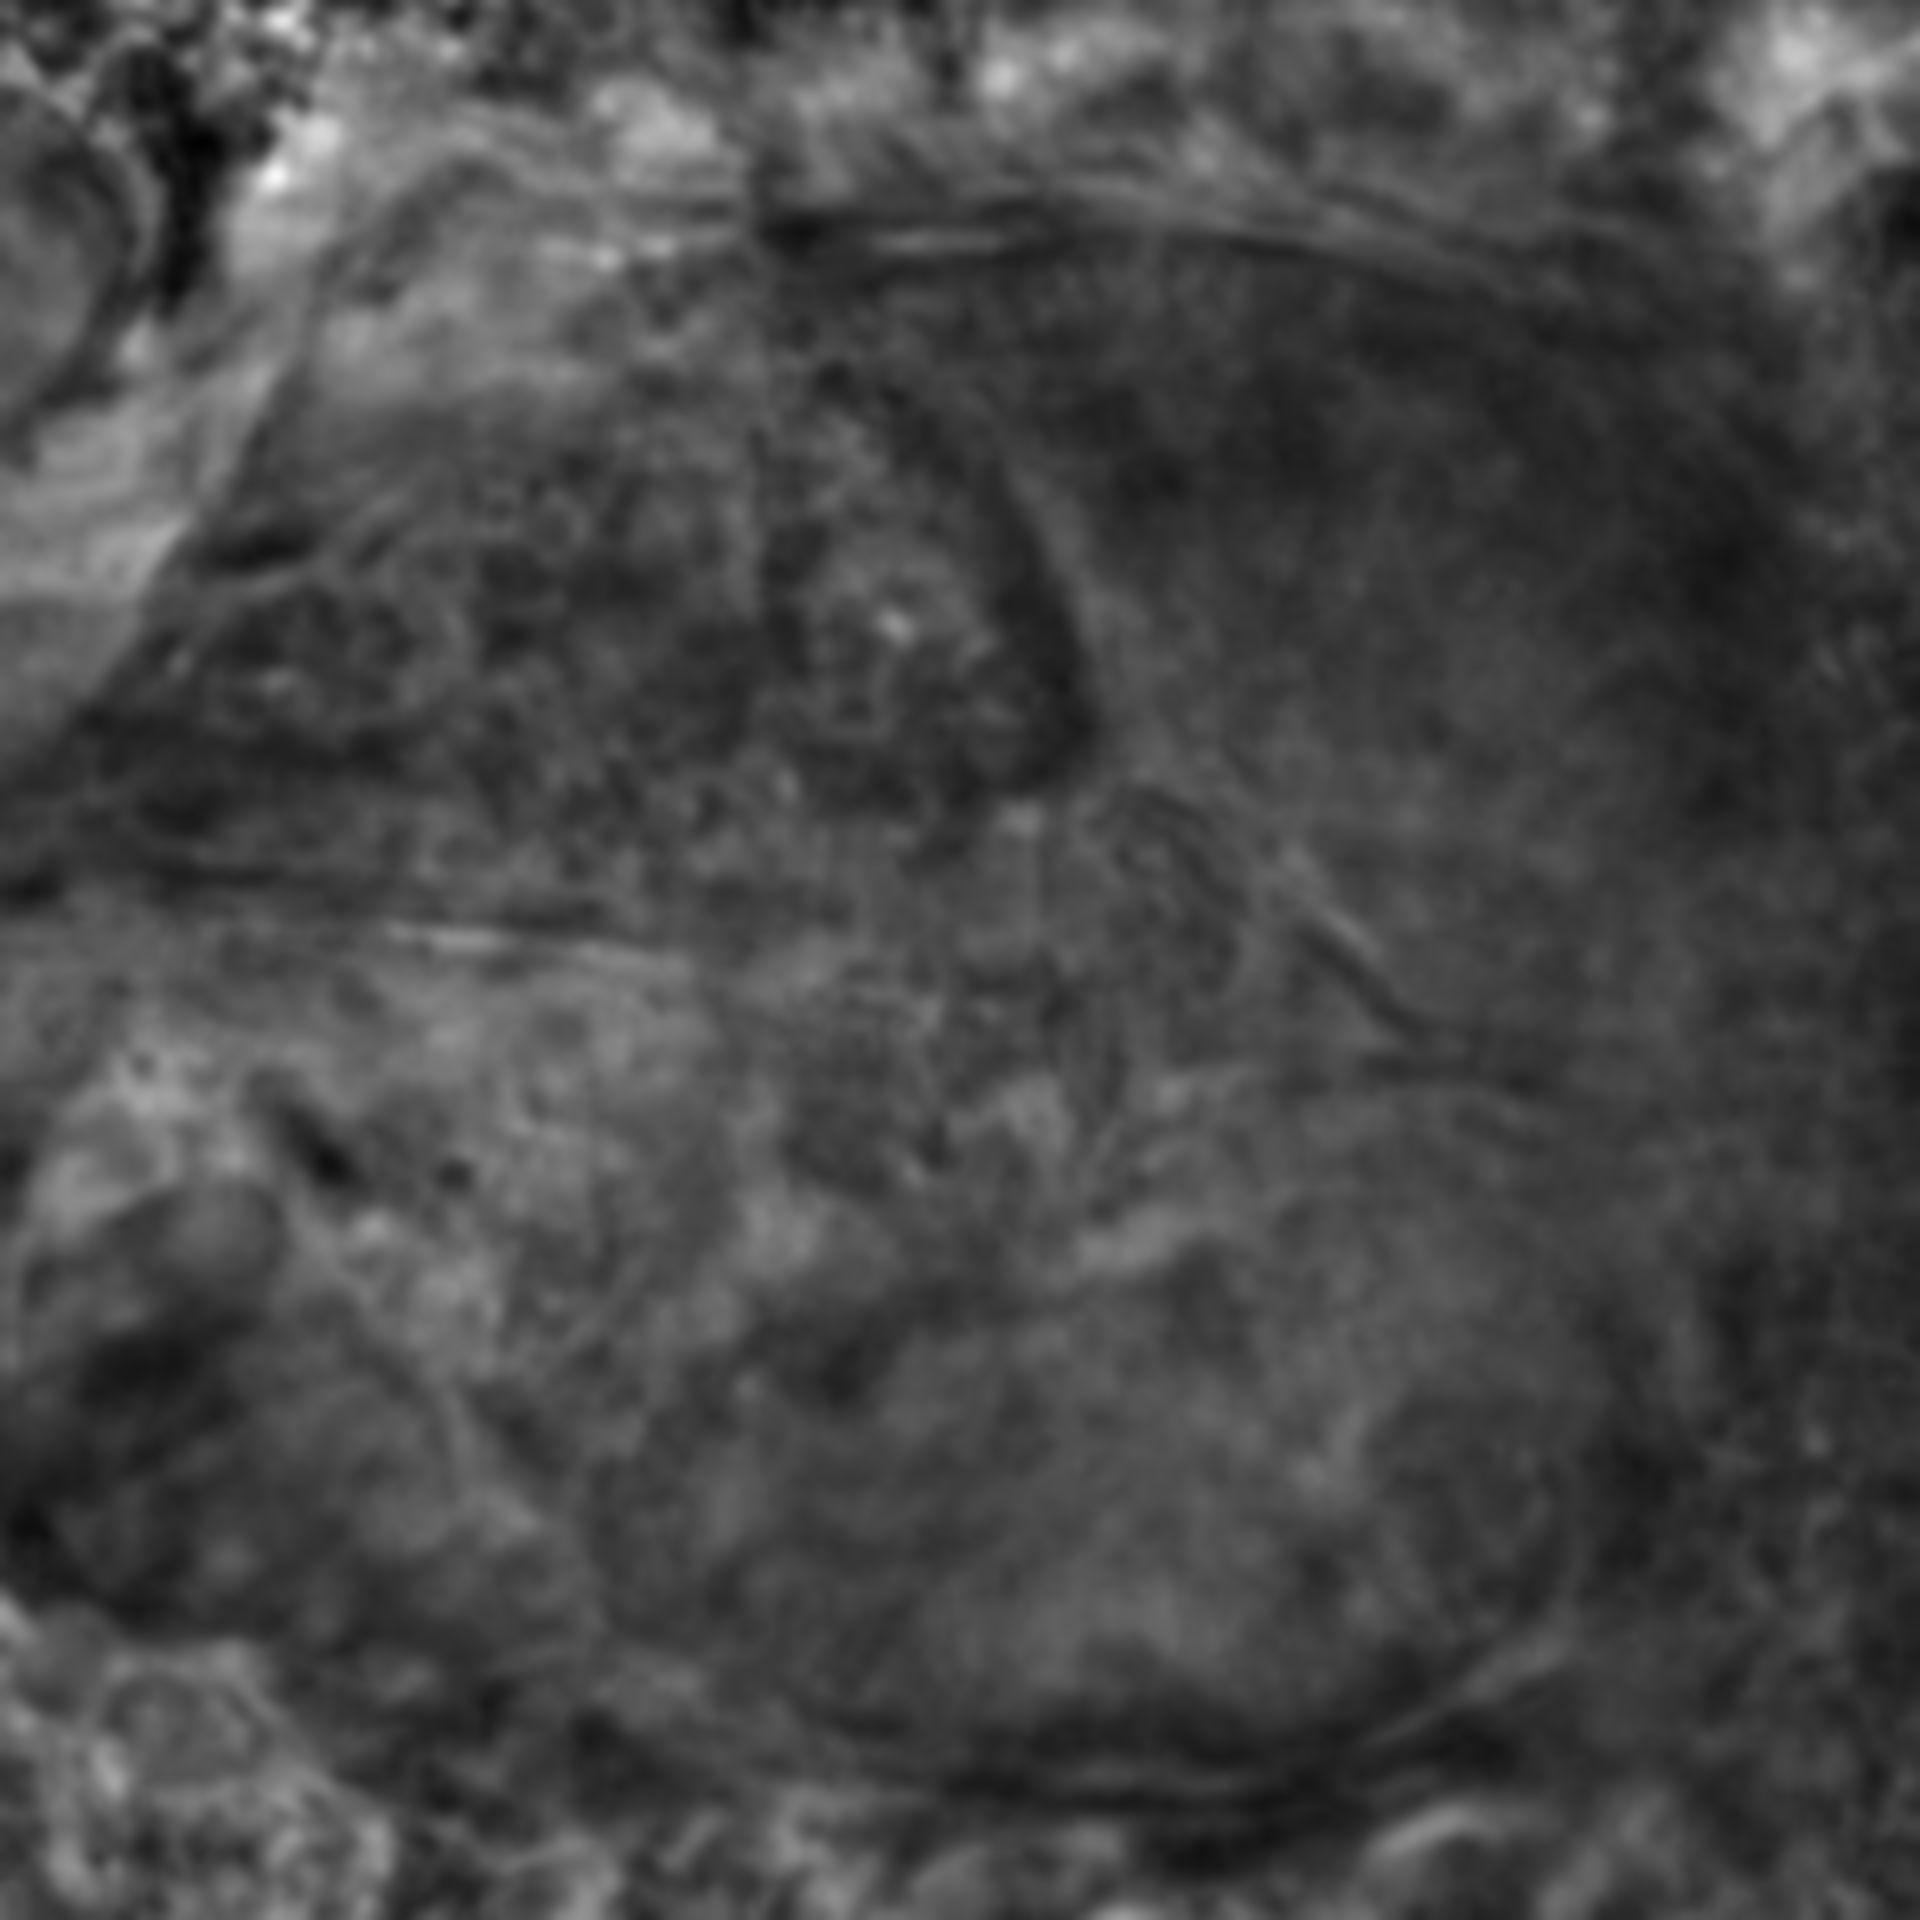 Caenorhabditis elegans - CIL:2700